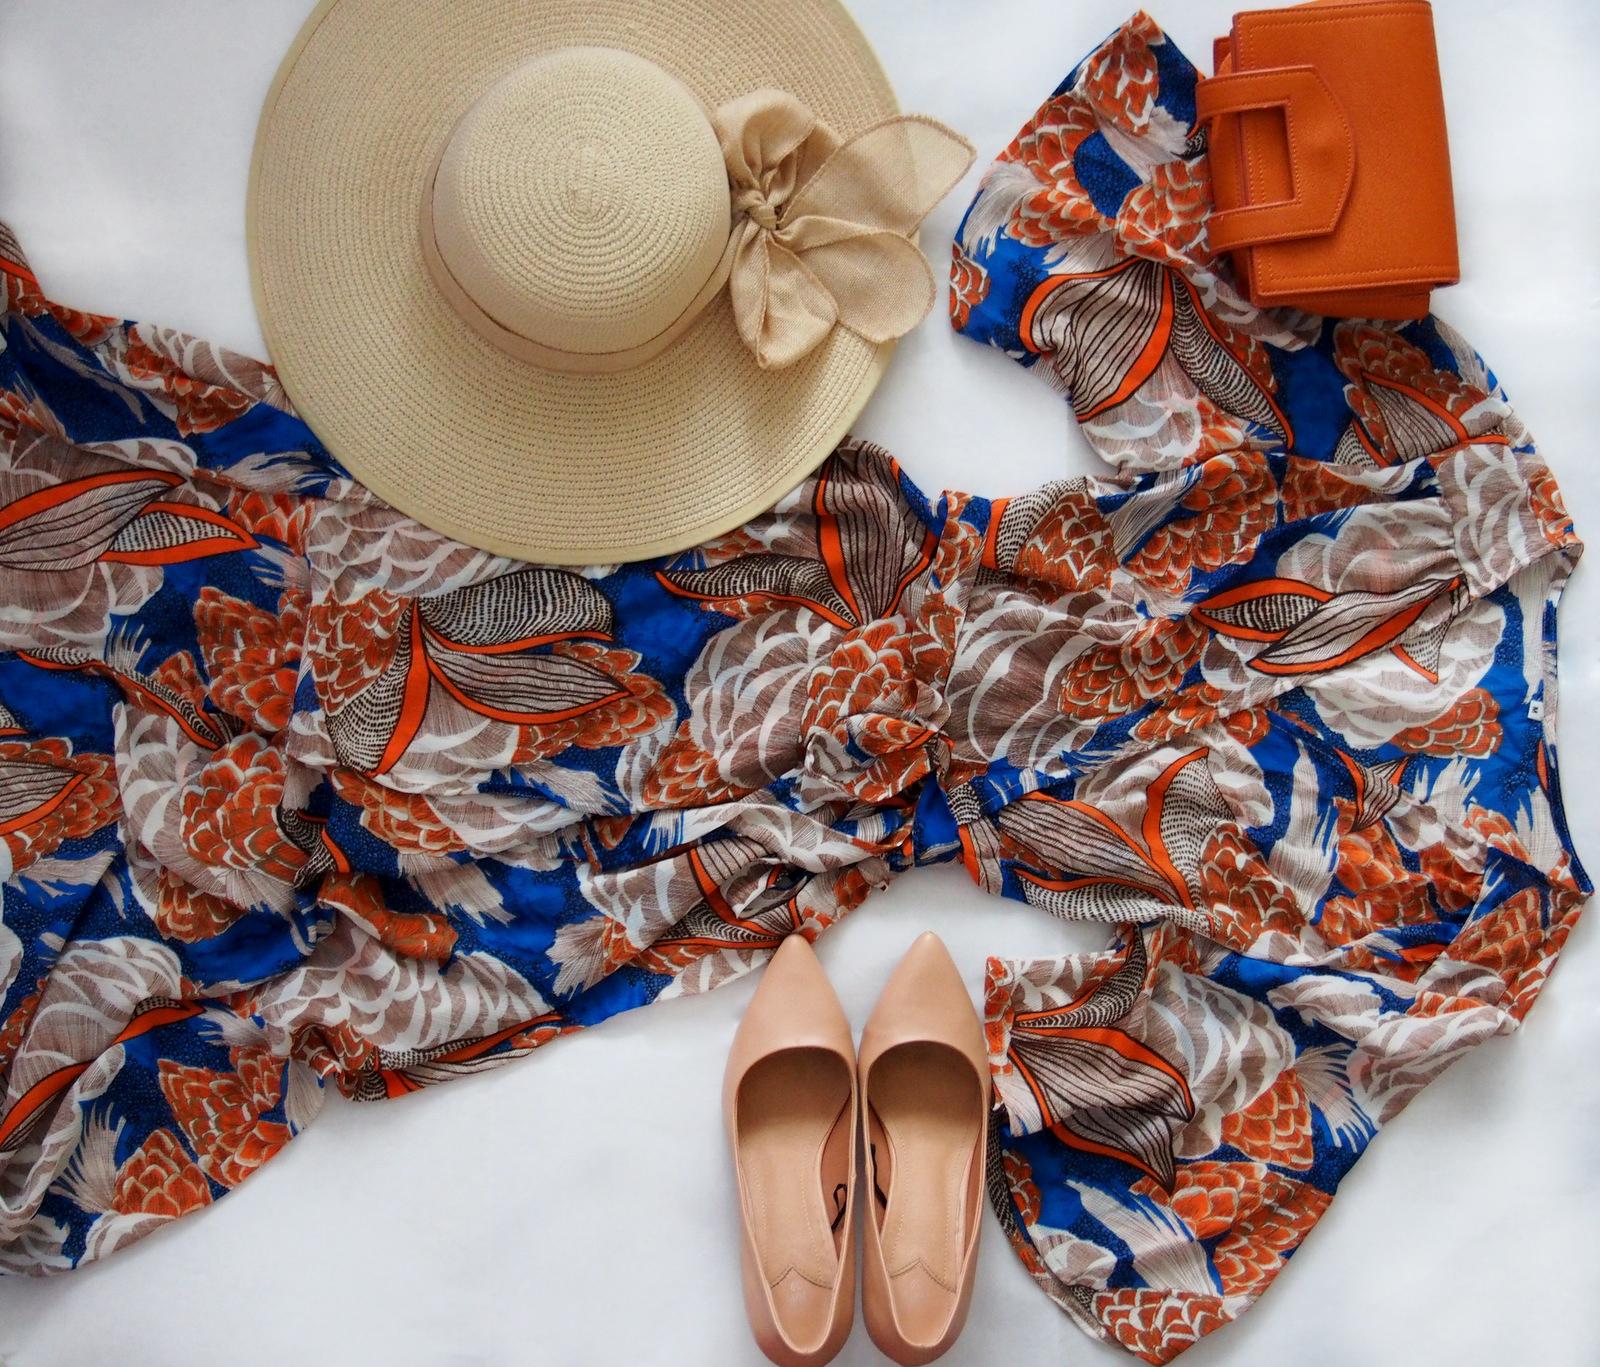 b10450144448 Maxi šaty v krásnej modro-oranžovej farbe som vám už predstavila v článku  na blogu. Šaty sú dlhé až k členkom a doladila som ich telovými lodičkami